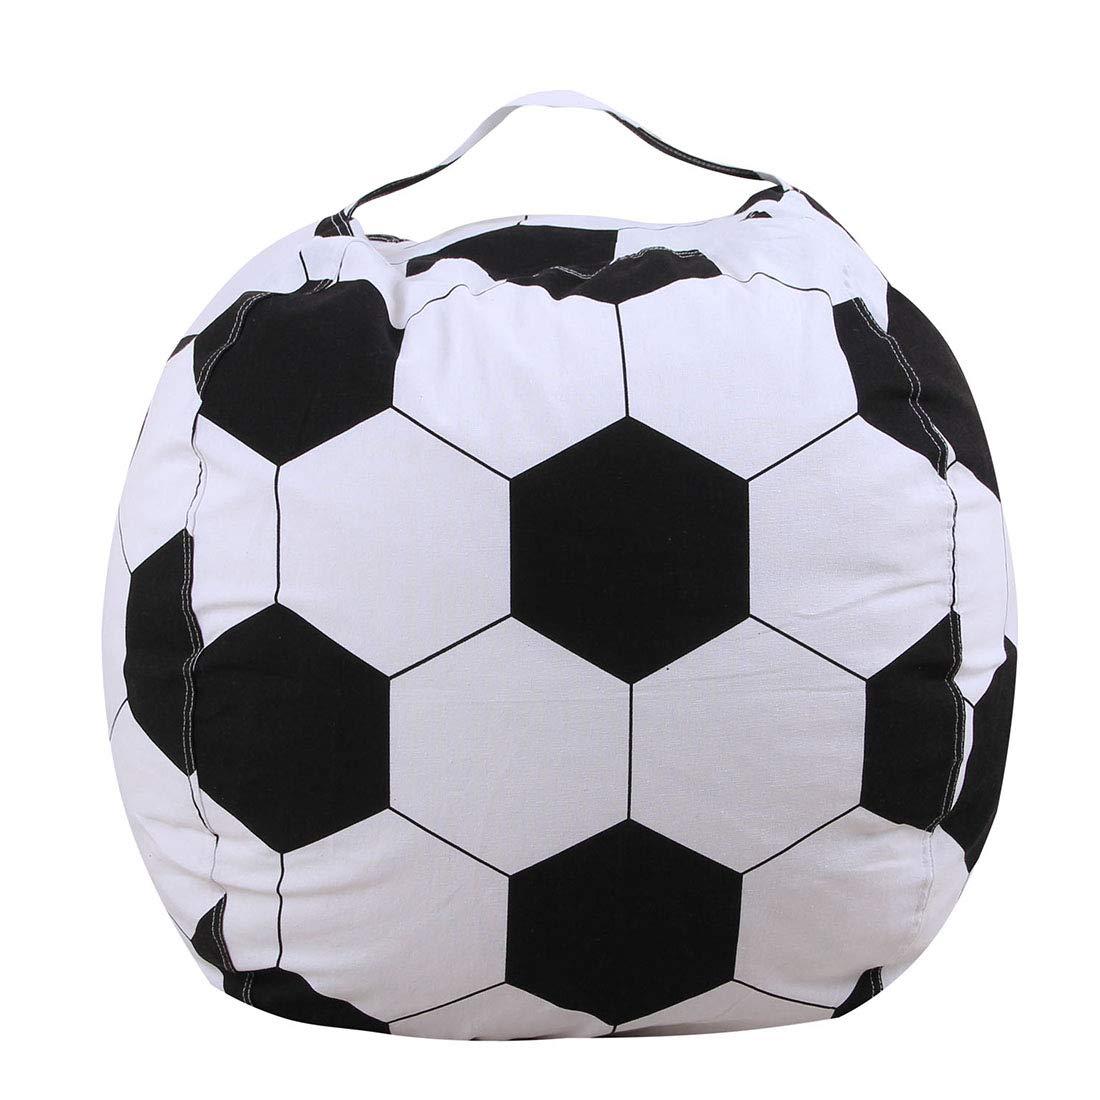 Hagoelvago Puff Pelota Balón de Fútbol Original Polipiel Colores ...